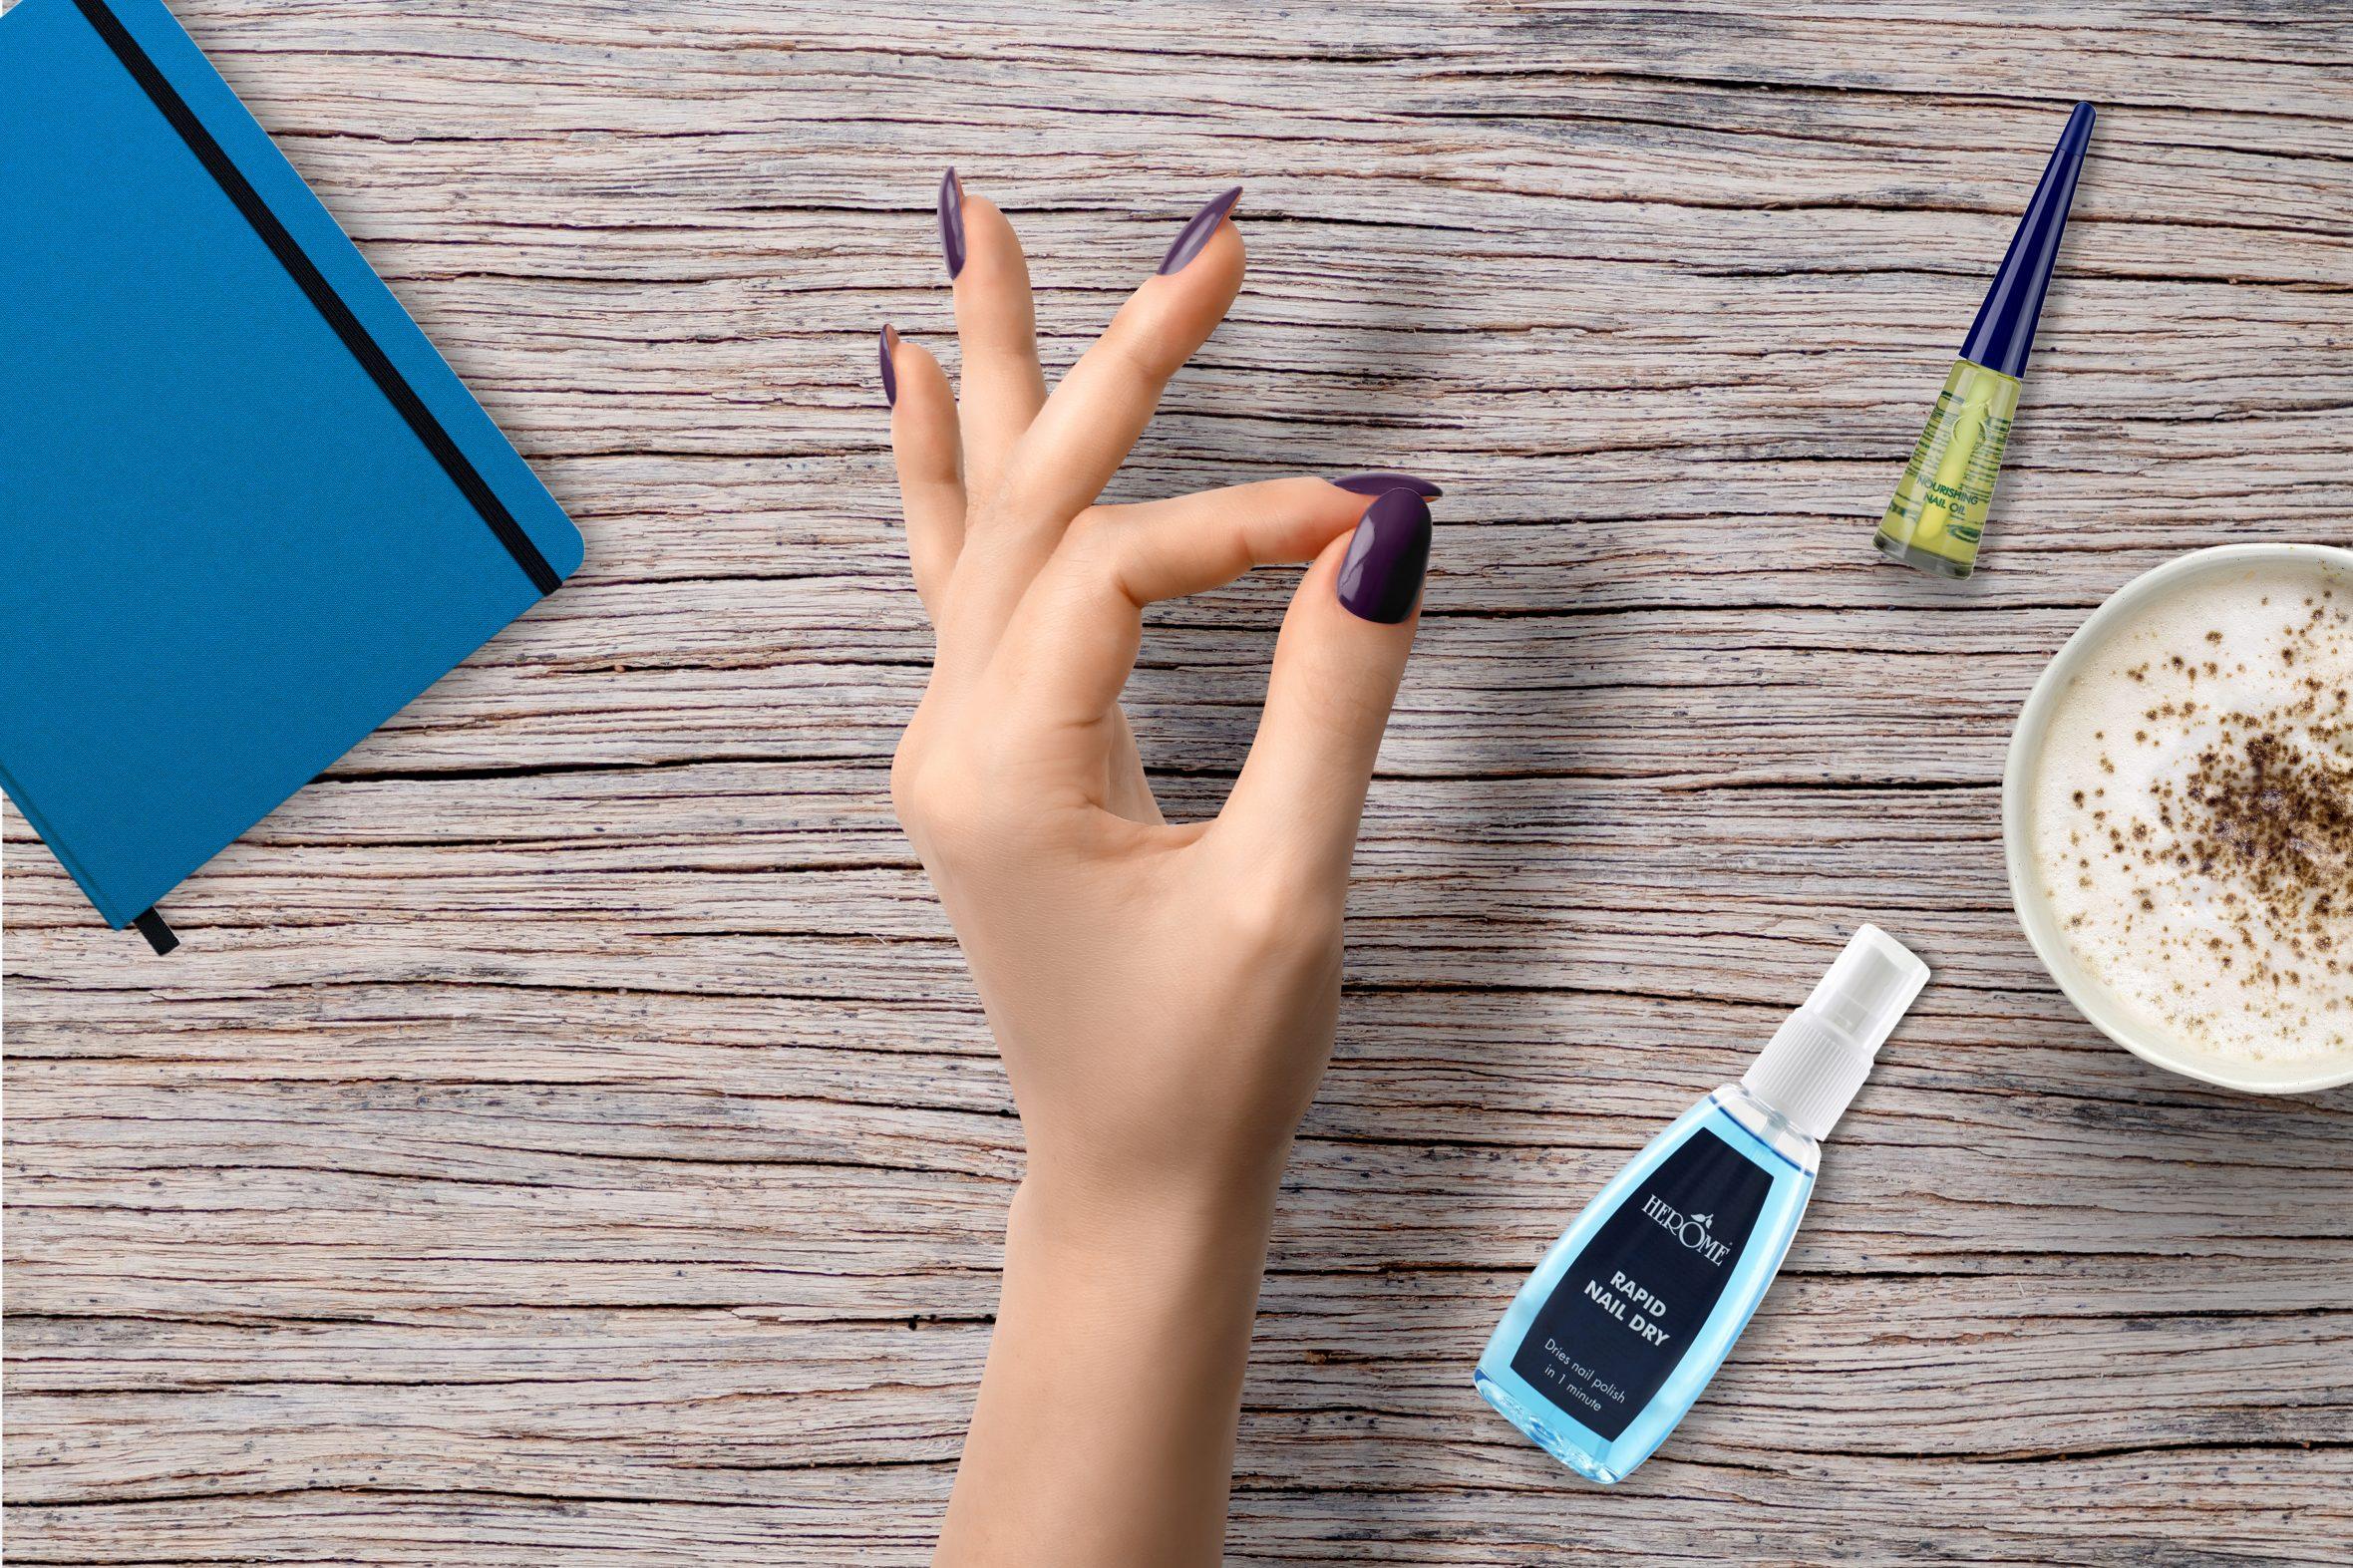 Paarse nagellak van Herôme voor je manicure